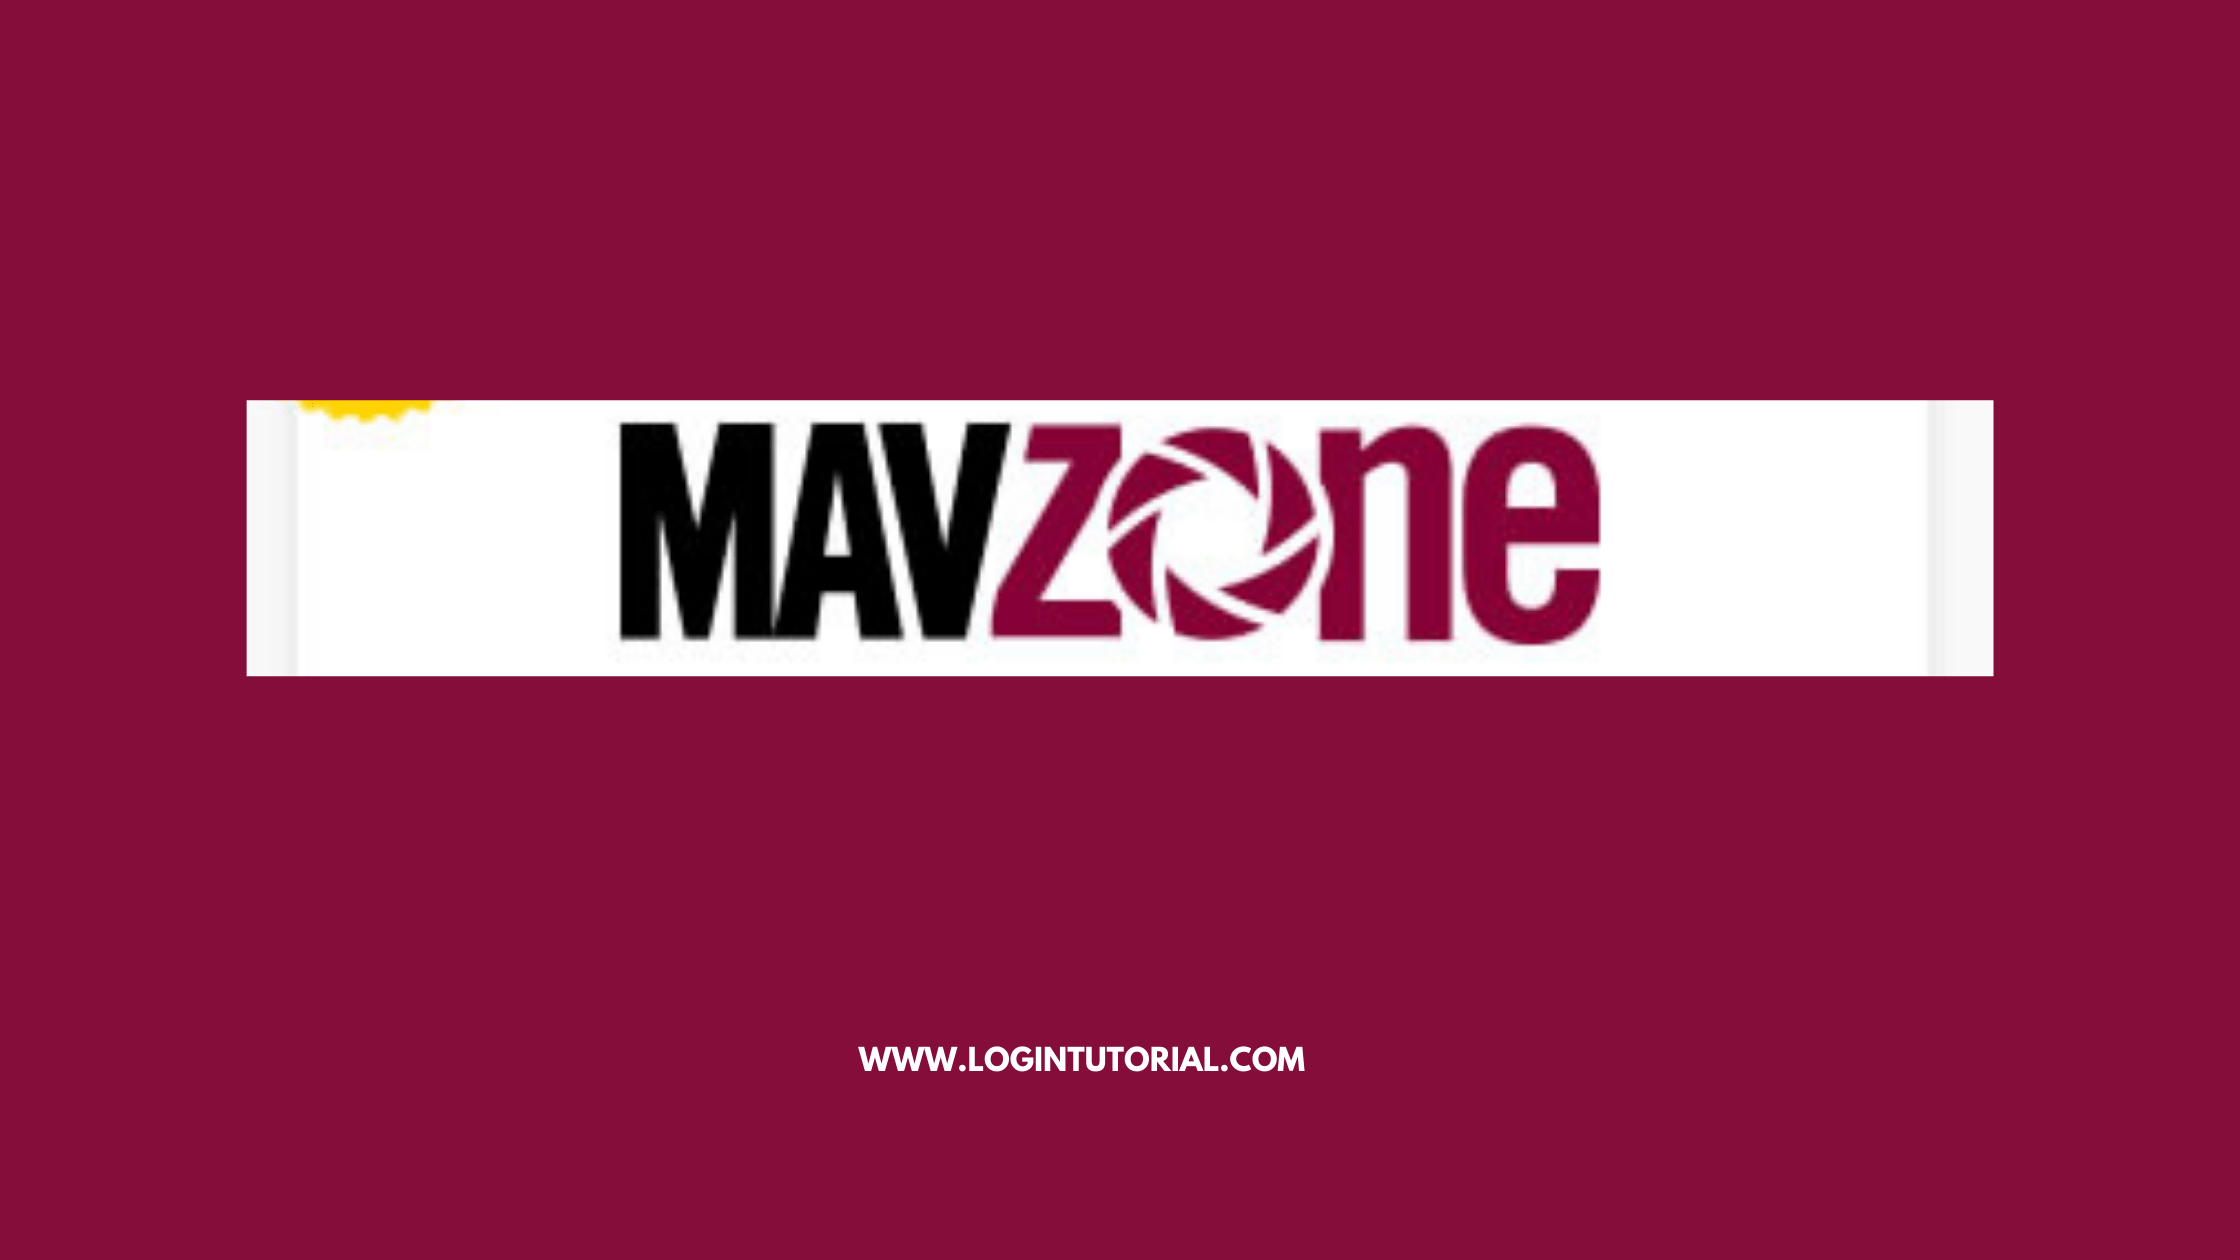 mavzone login guide